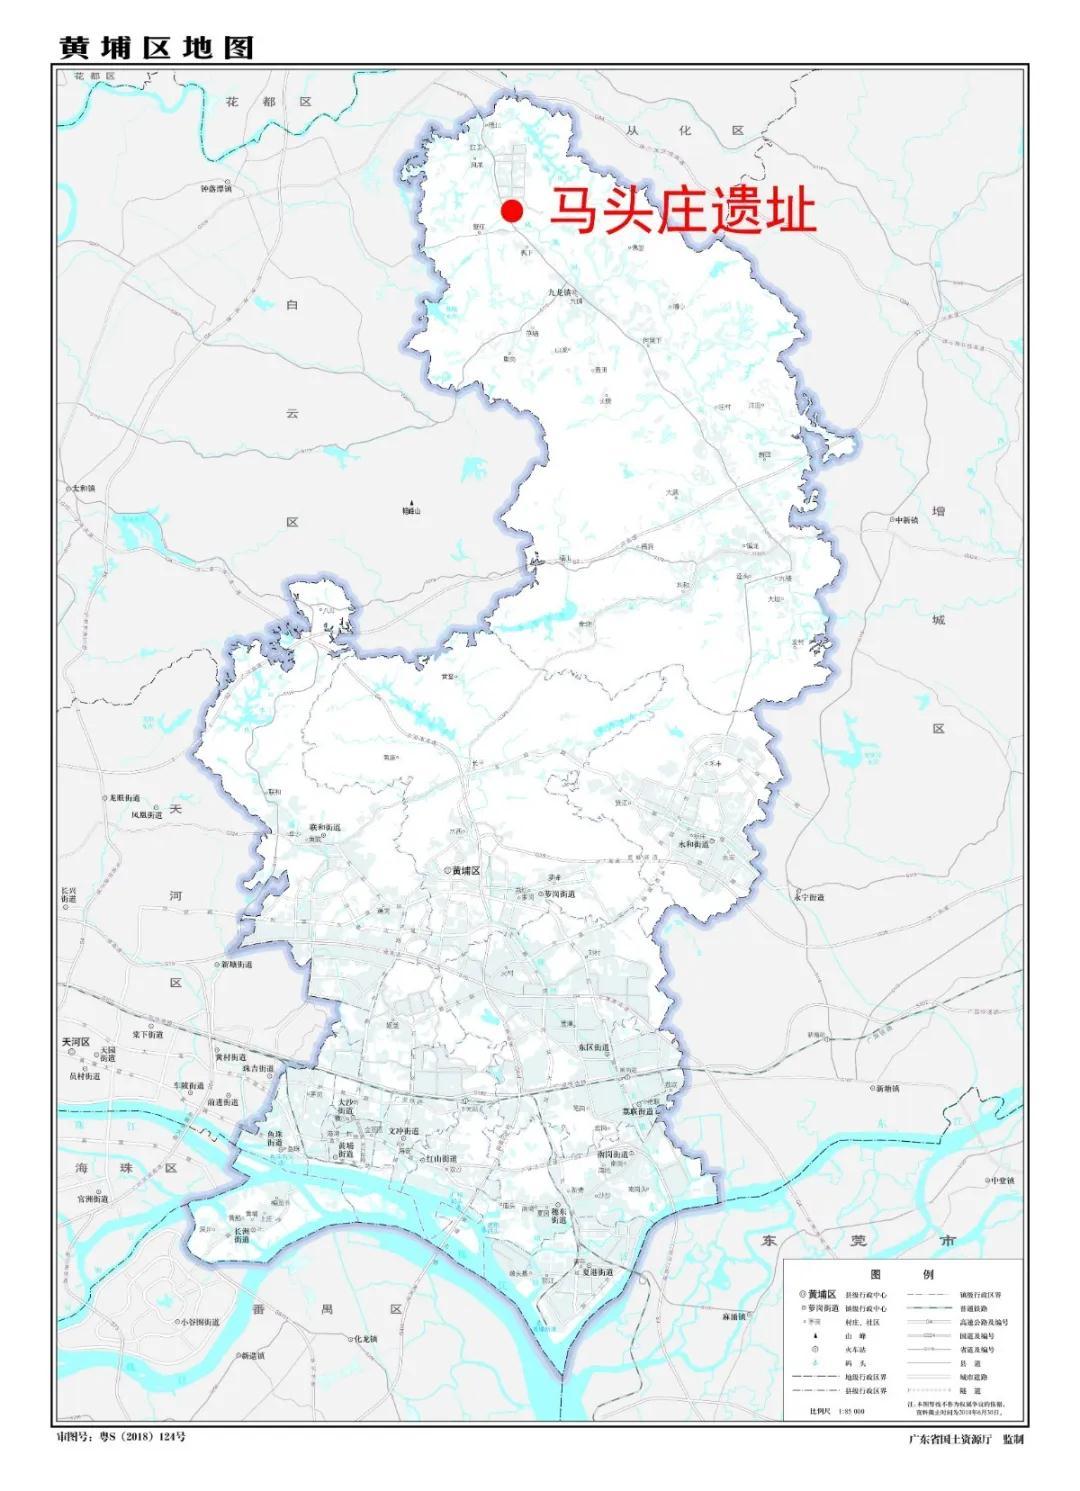 广州中新知识城北起步区马头庄发现先秦时期遗址  第1张